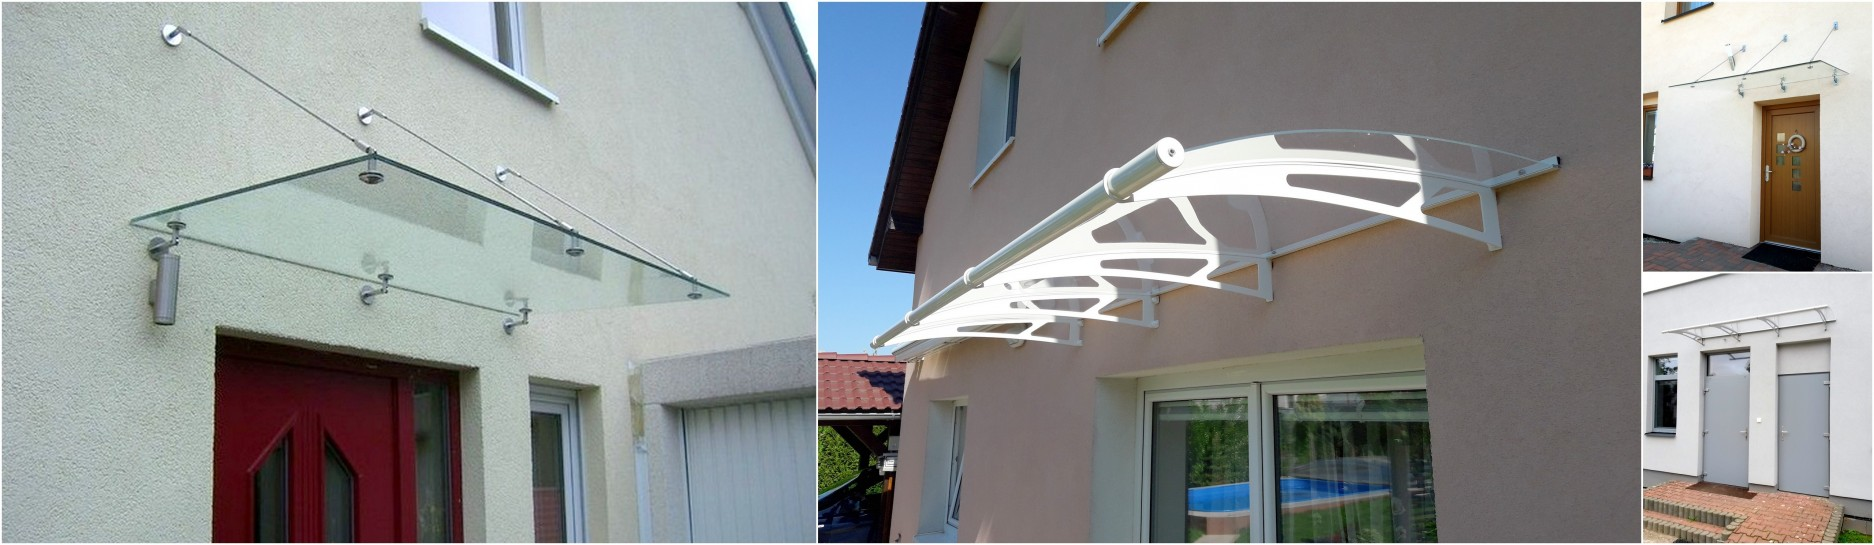 Větší stříška nad vchodové dveře a schody. Stříška pro dveře 130cm - 150 cm.